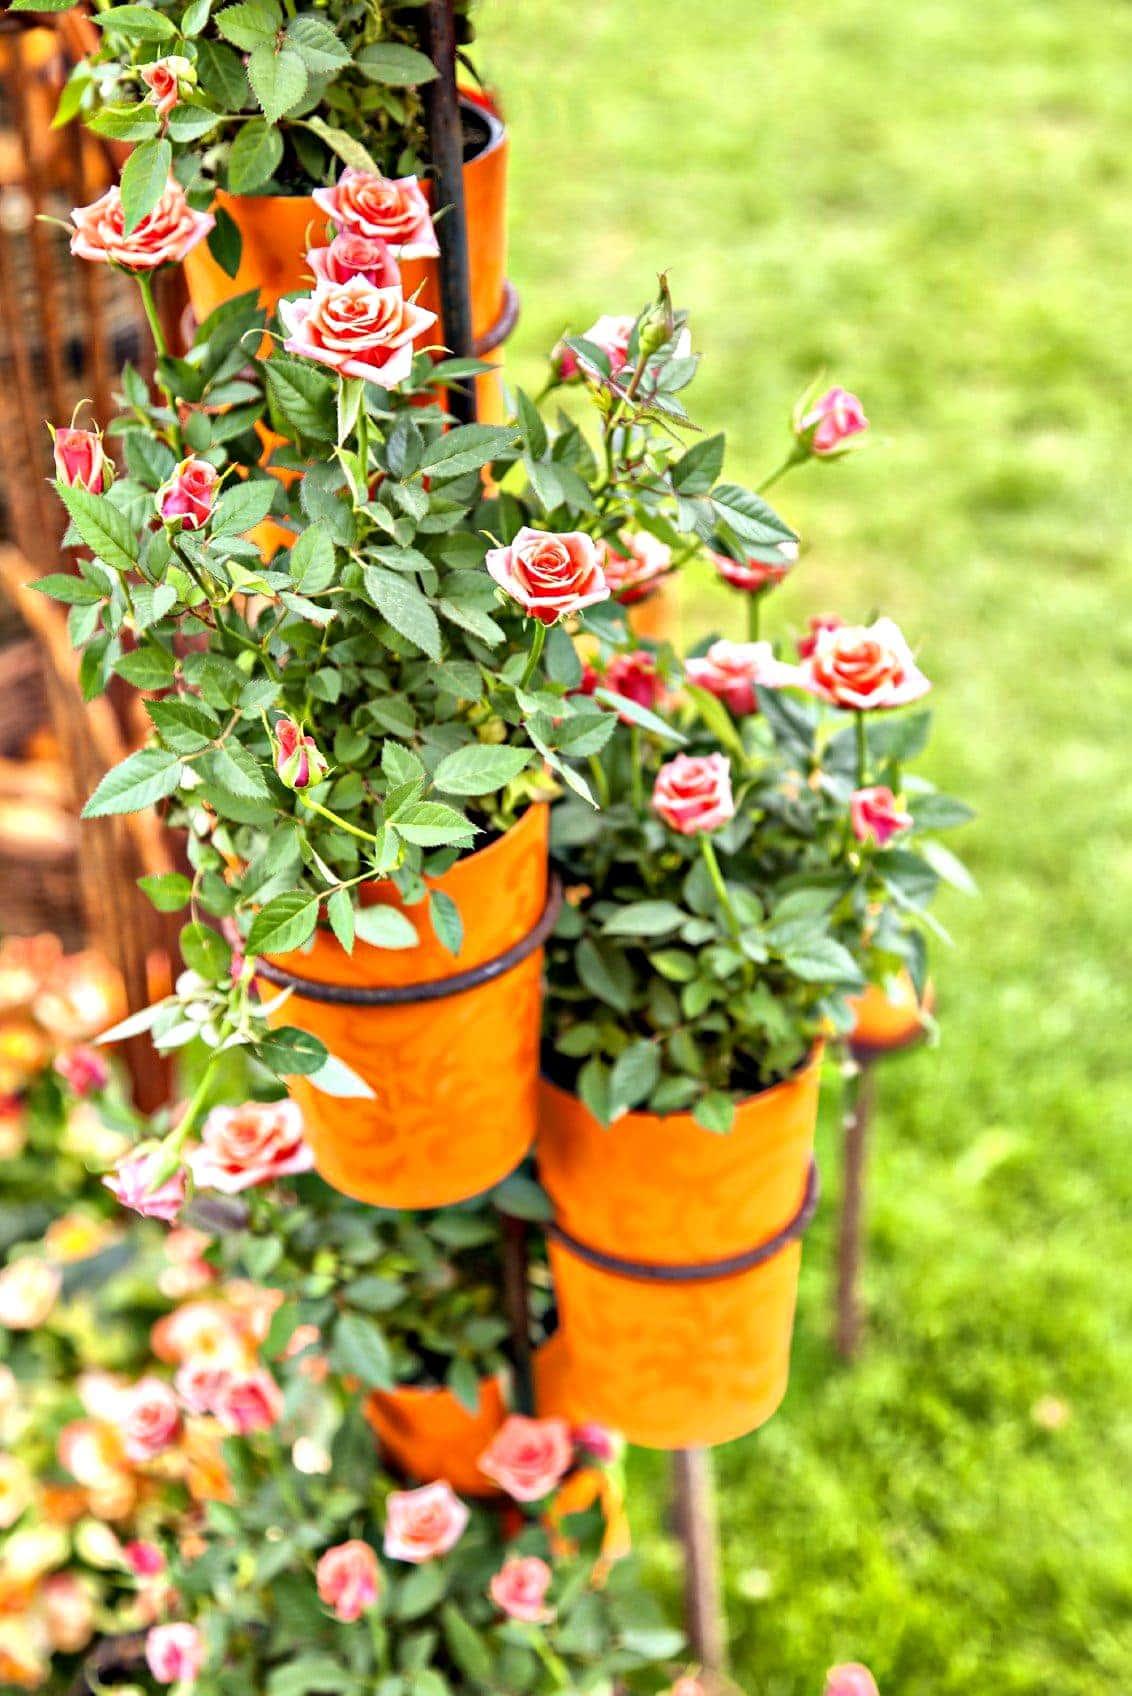 hướng dẫn chuẩn bị bầu đất trồng hoa hồng 1